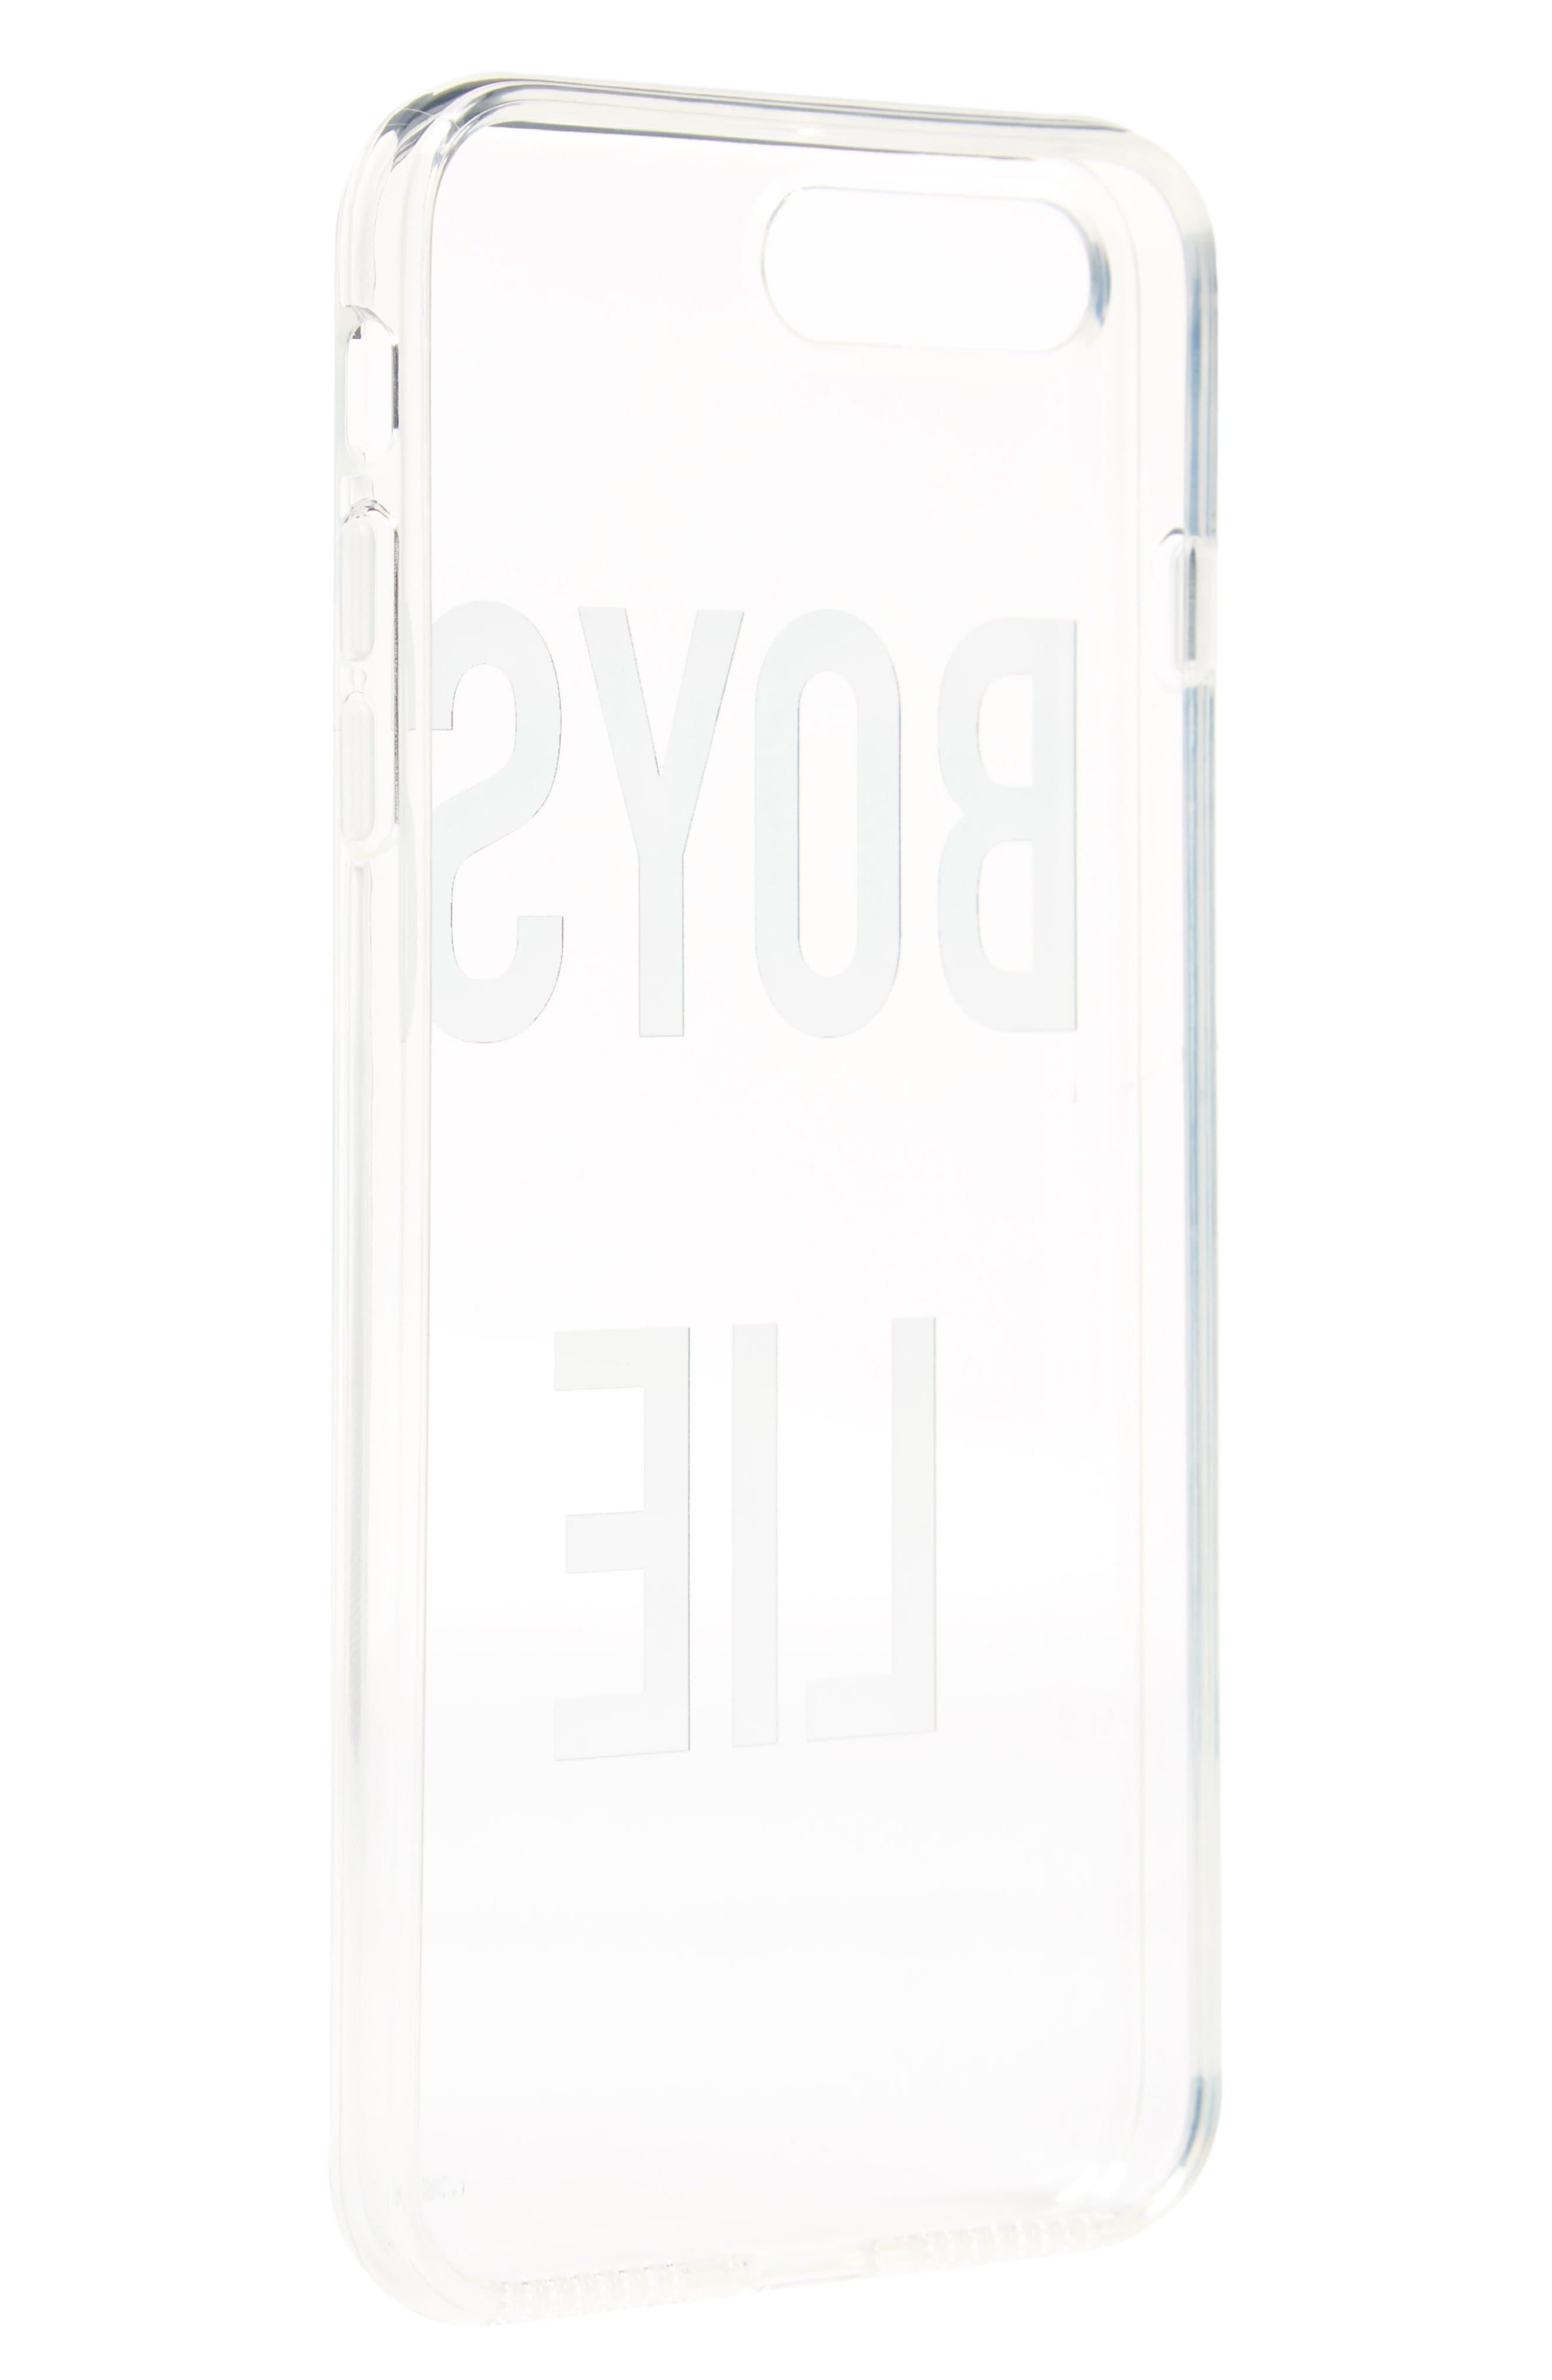 Boys Lie iPhone 7 Plus Case,                             Alternate thumbnail 2, color,                             001